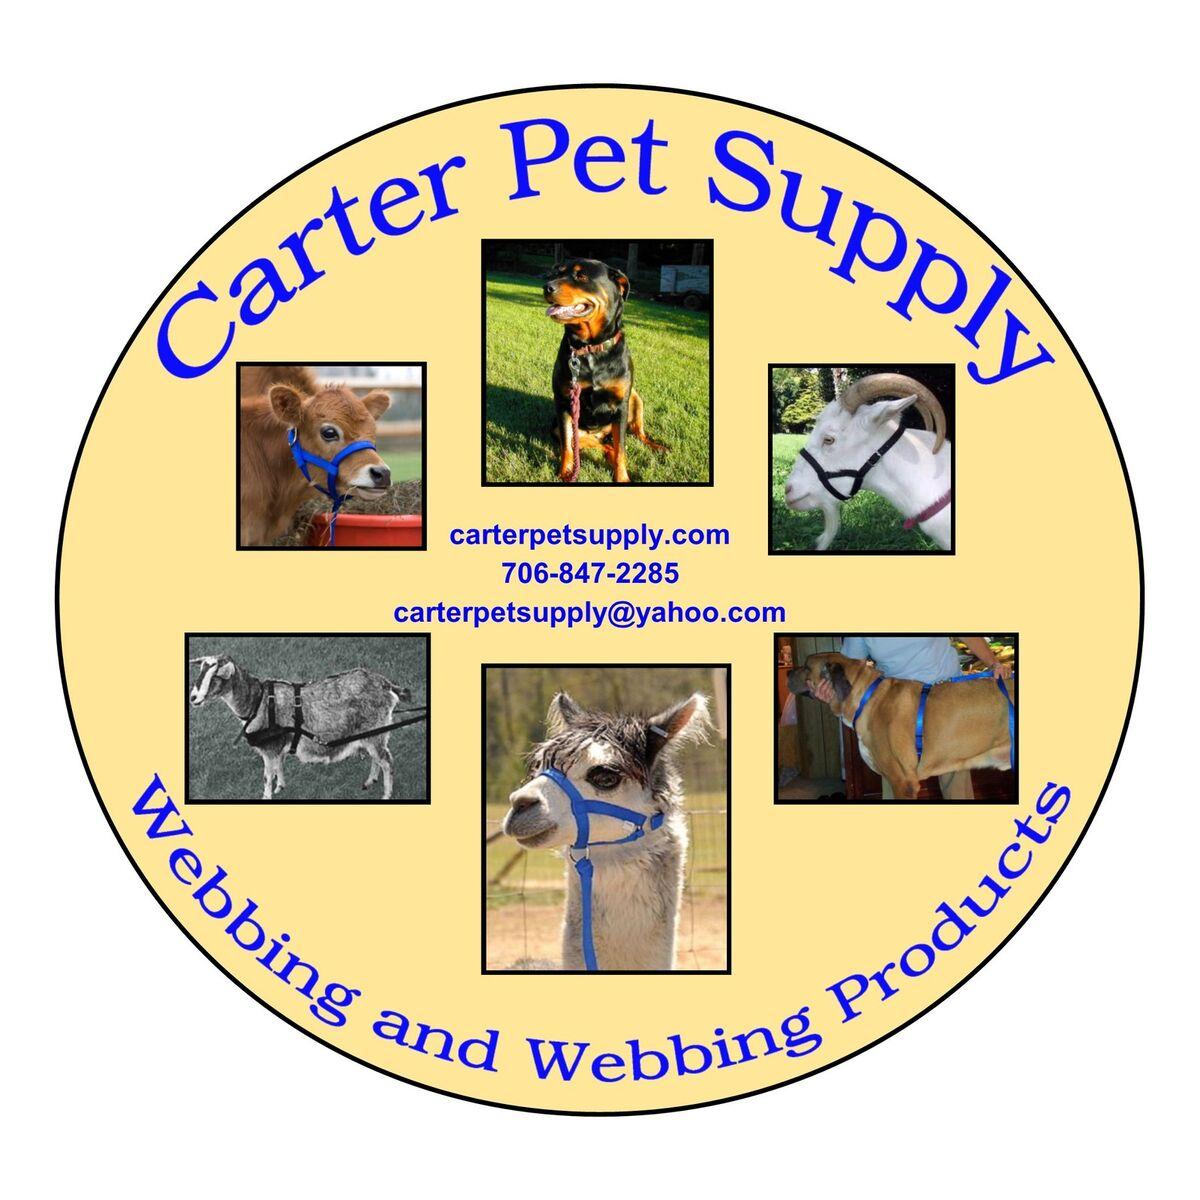 Carter Handmade Pet Supplies